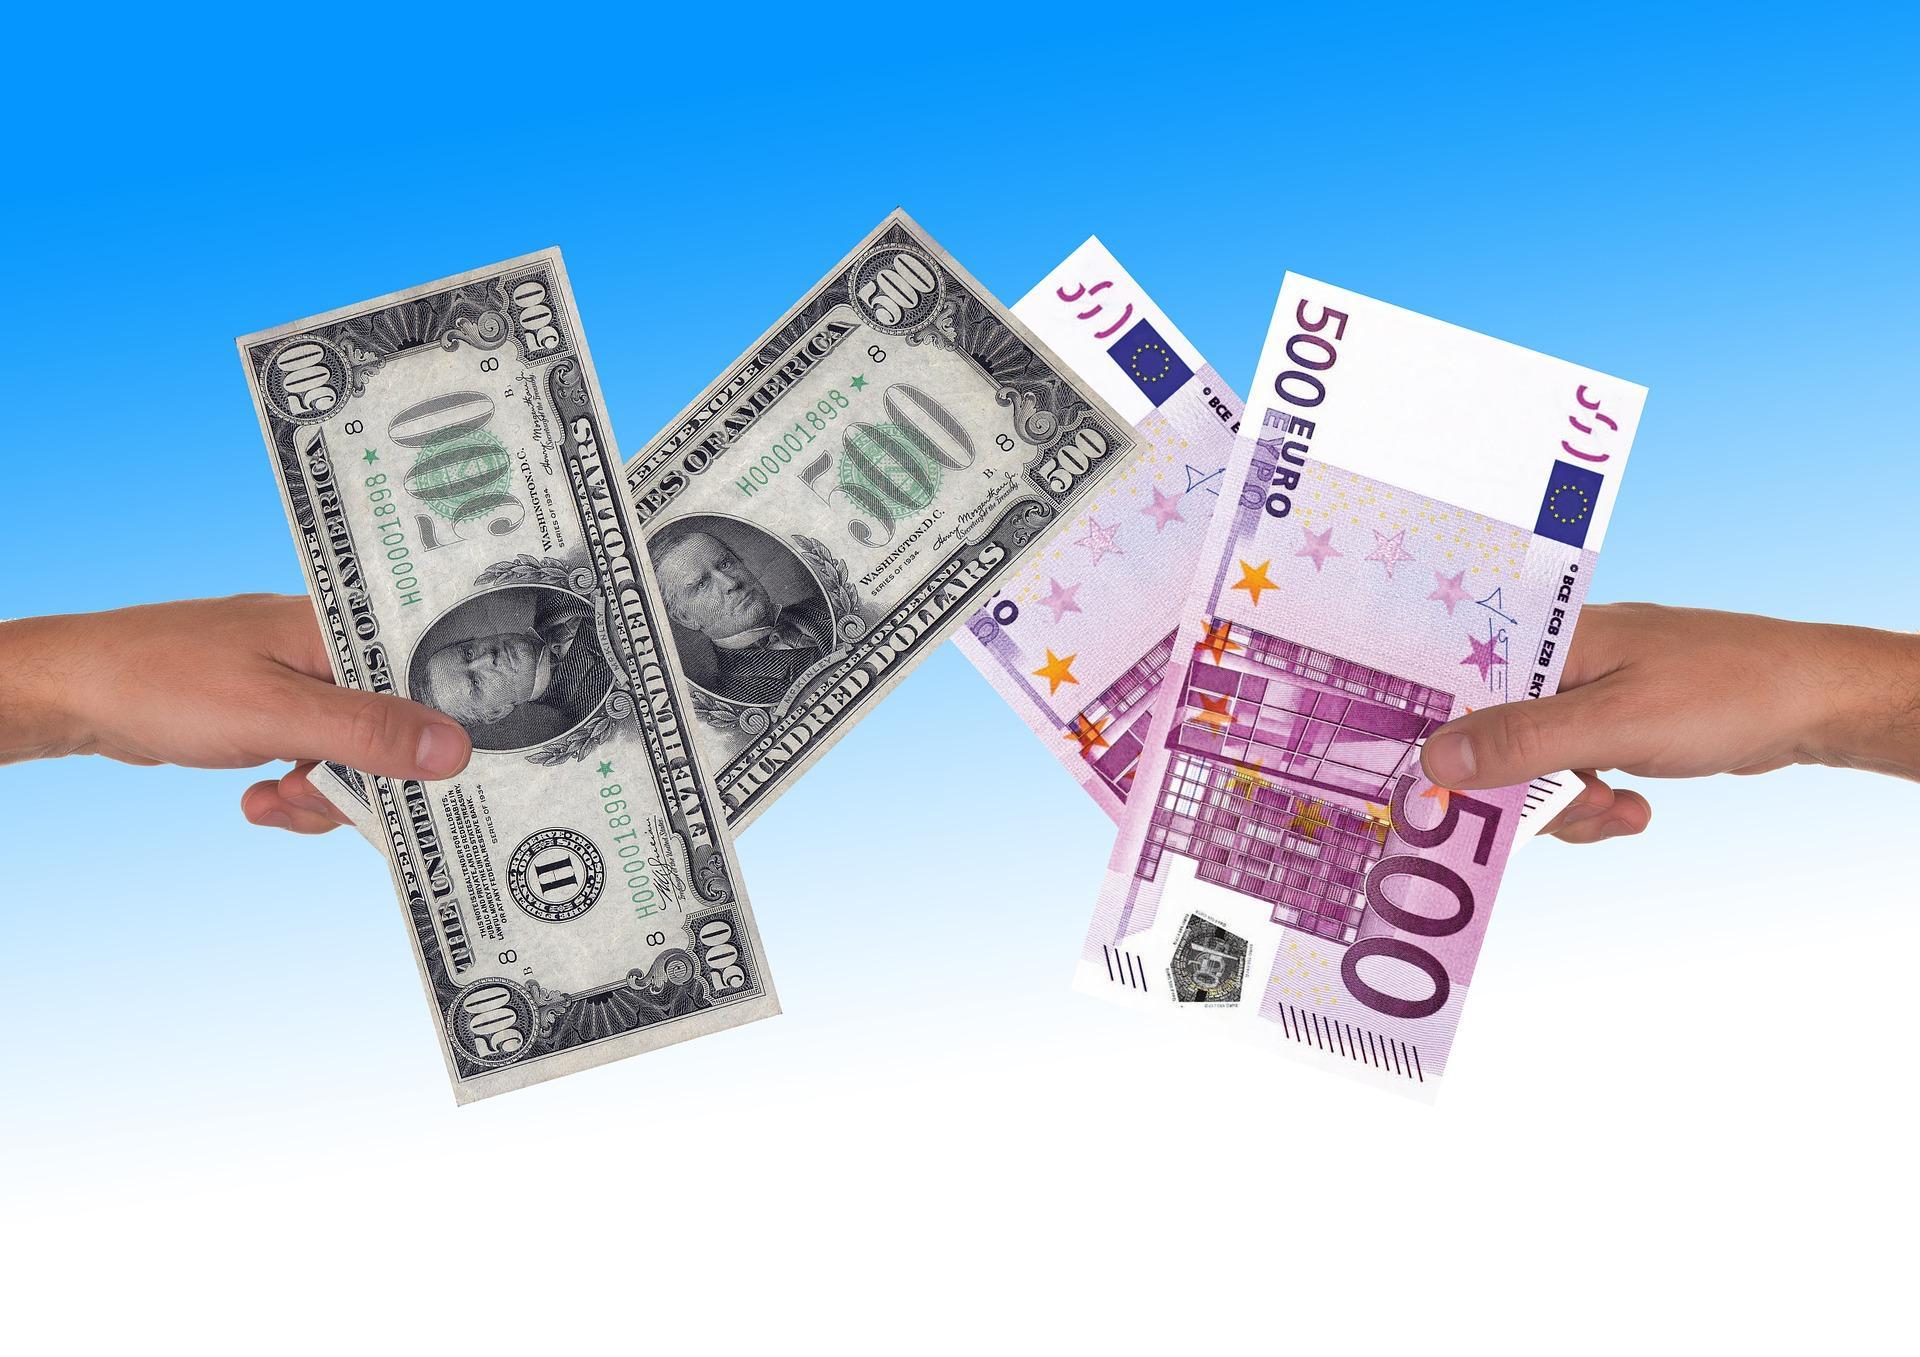 Курс евро превысил 91 рубль впервые с 2016 года. Доллар вырос до 78 рублей